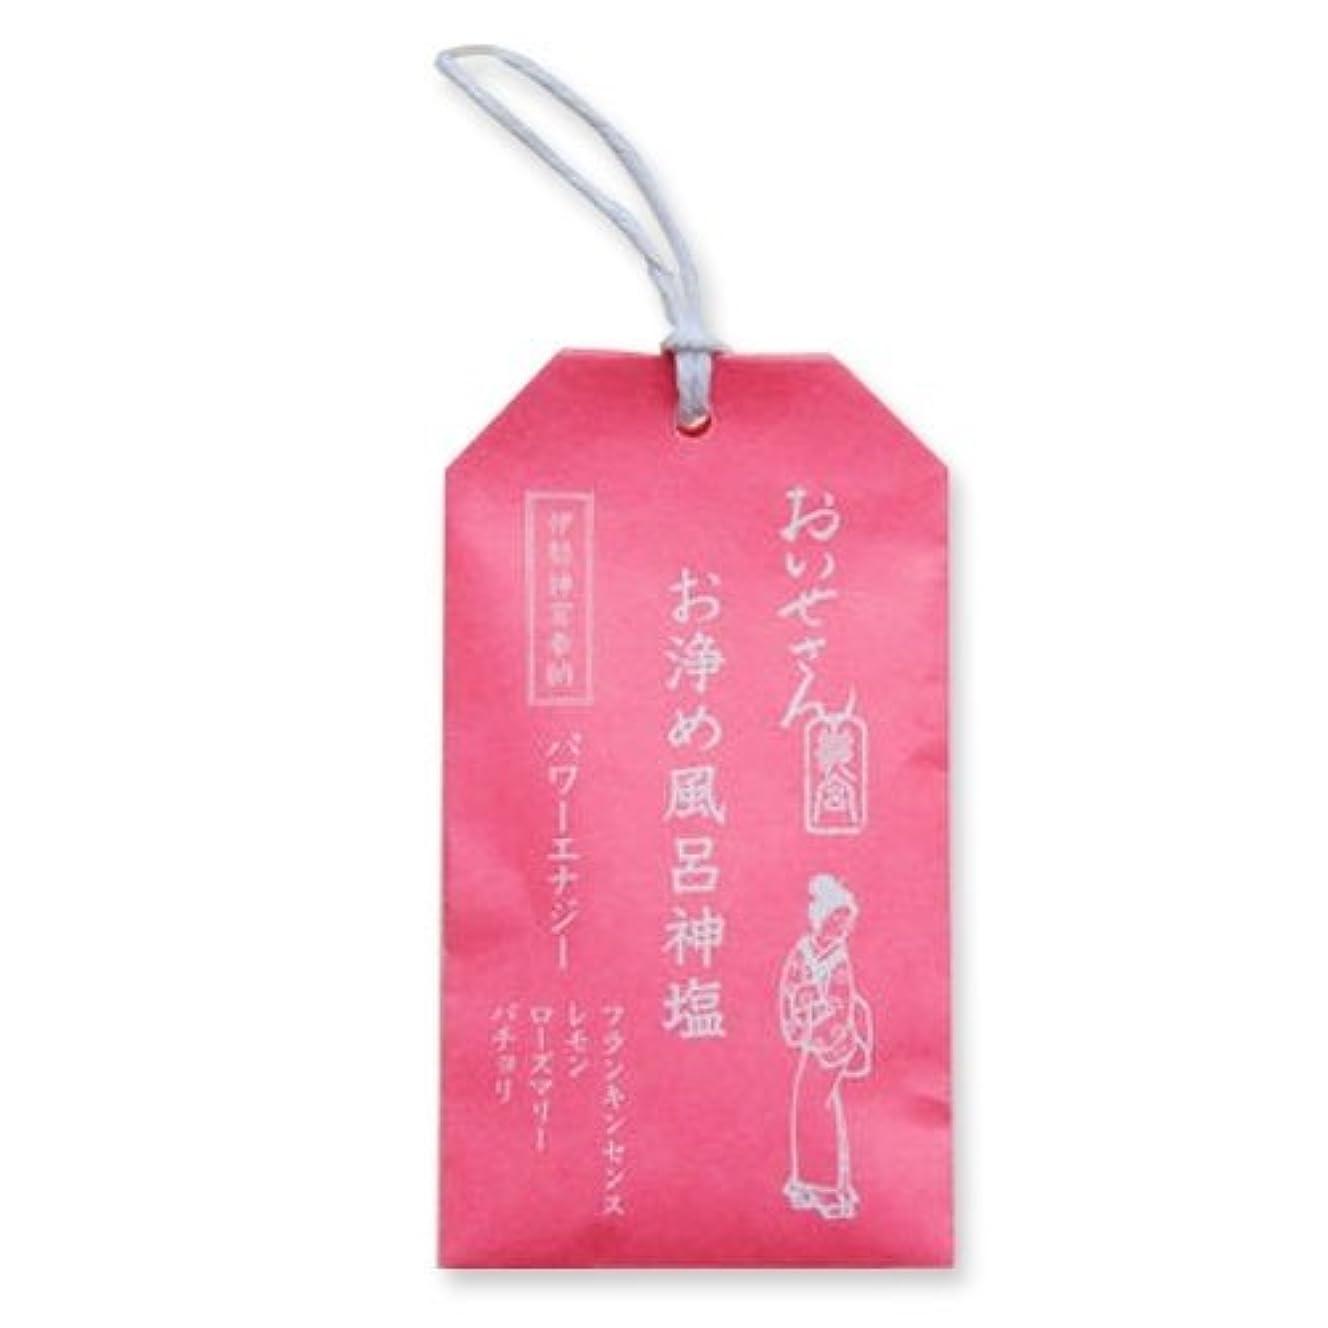 検閲完璧なバラ色おいせさん お浄め風呂神塩 バス用ソルト(パワーエナジー) 20g